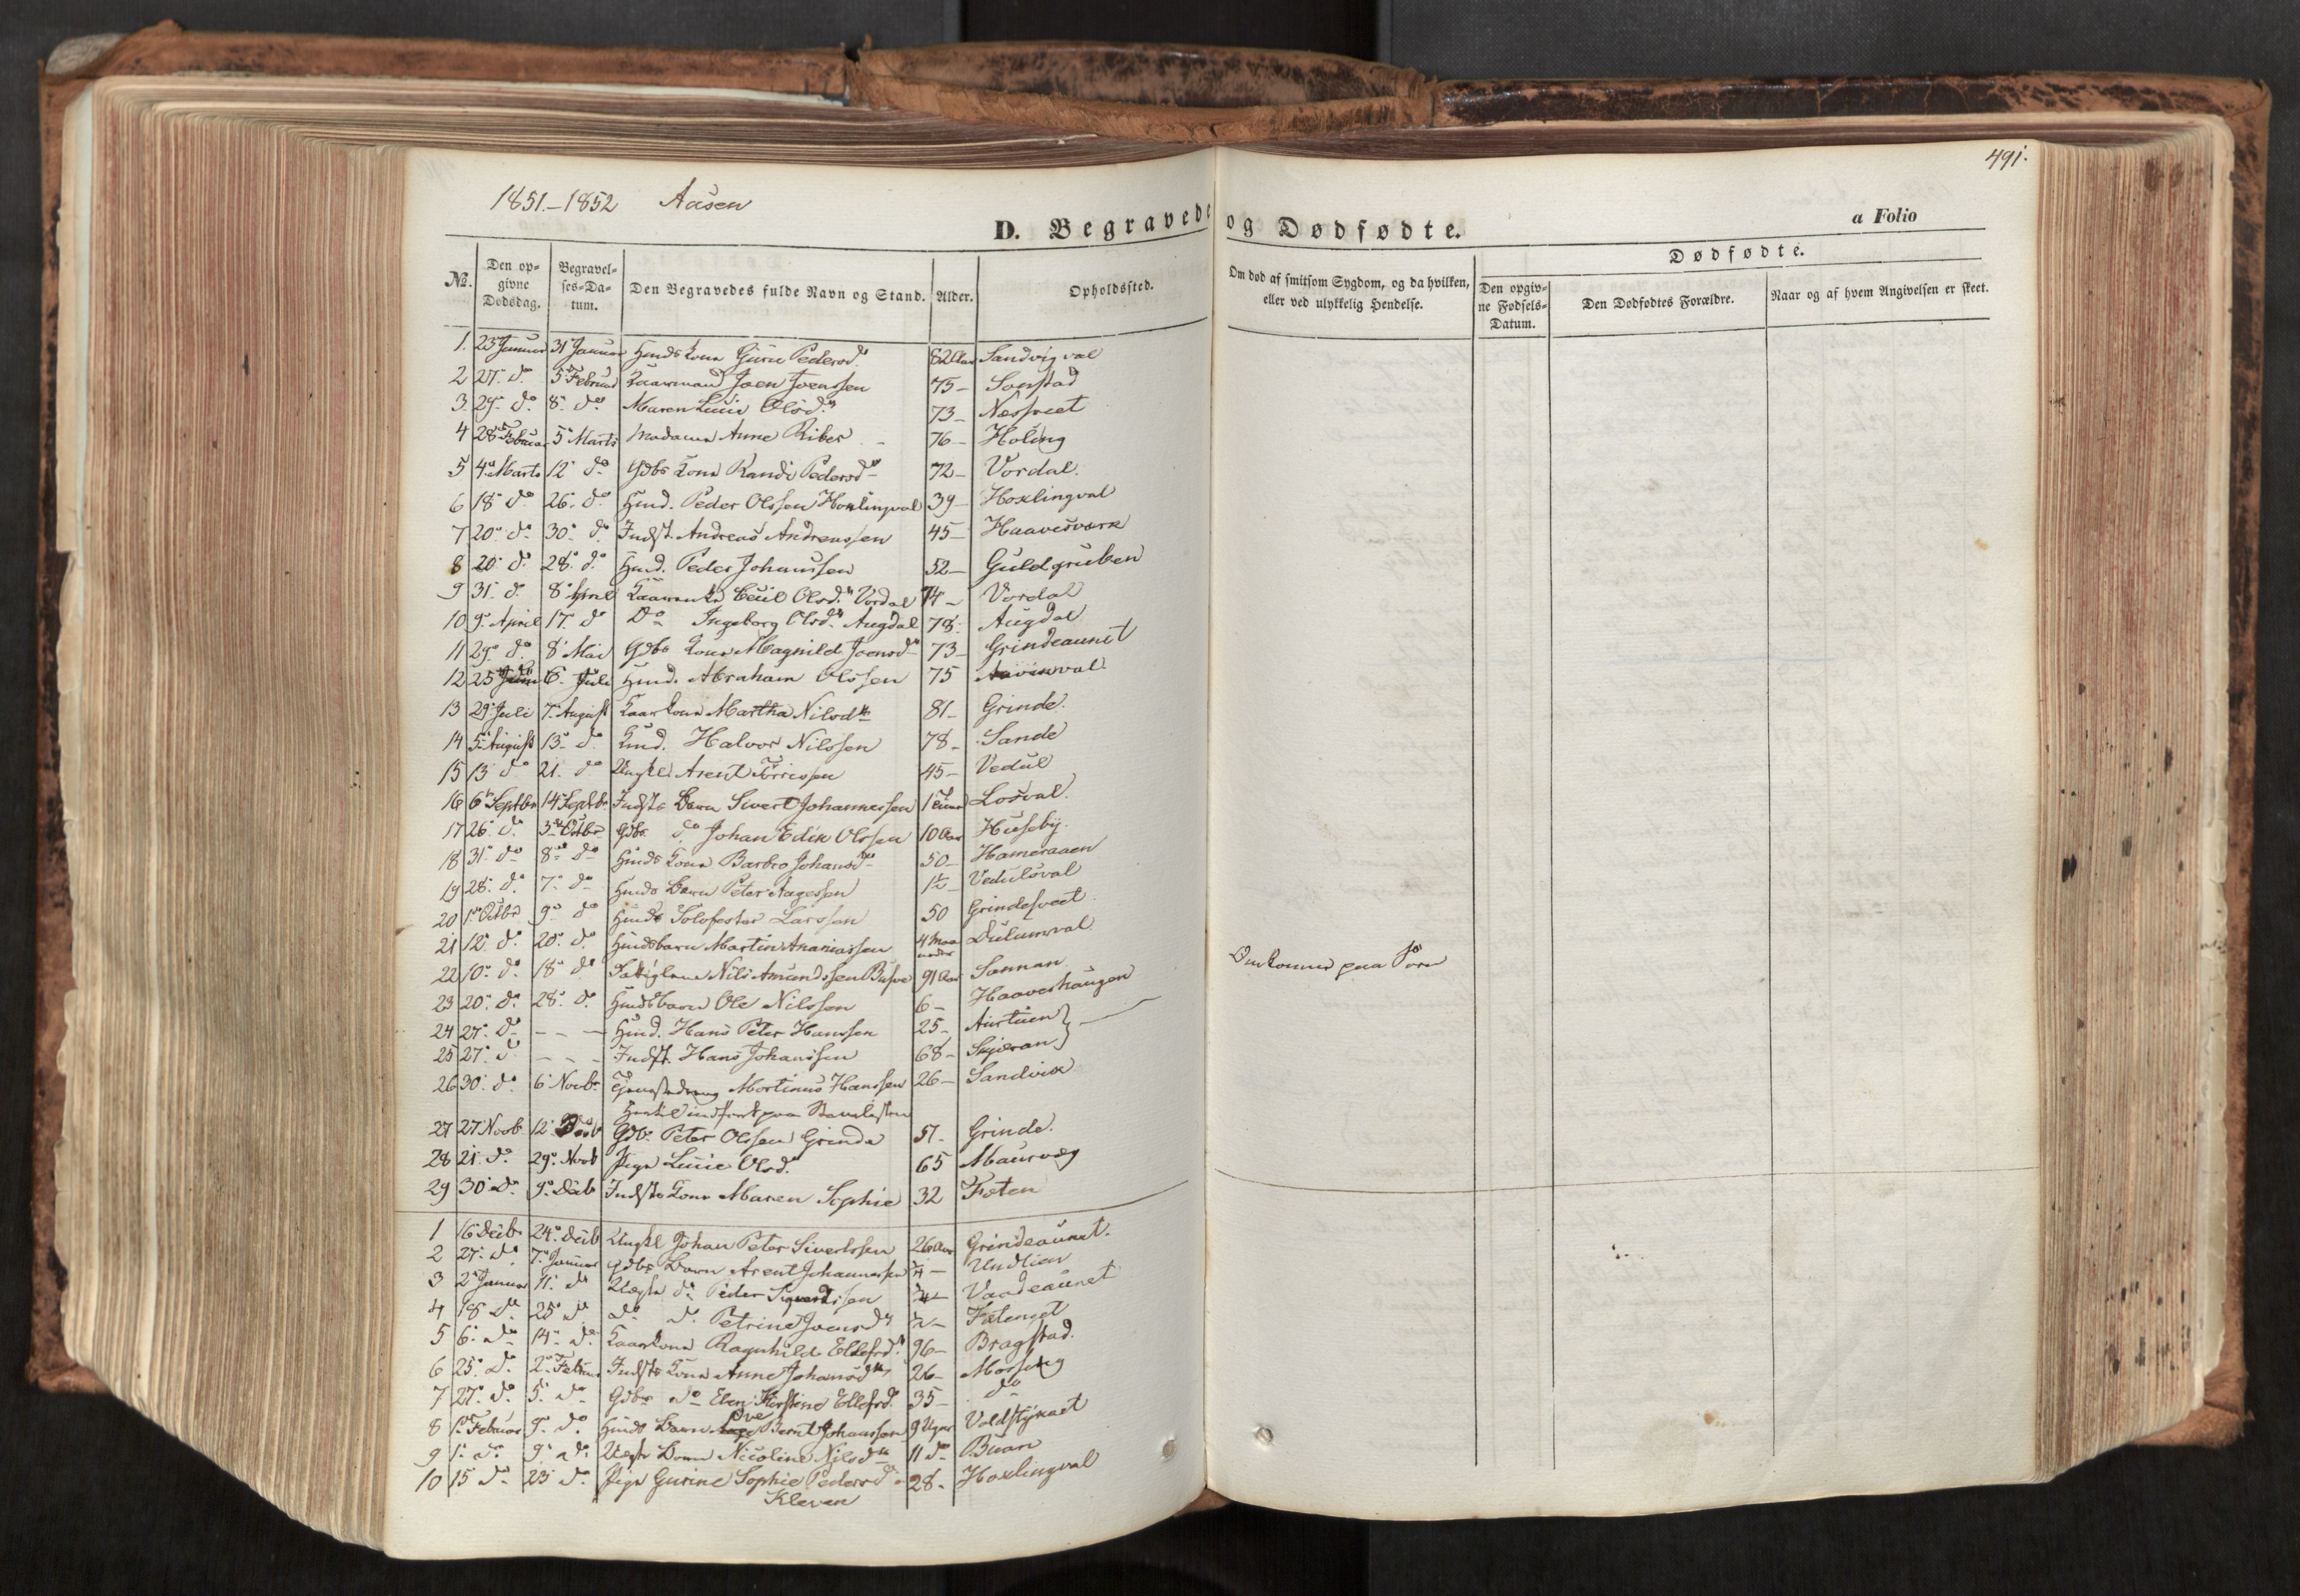 SAT, Ministerialprotokoller, klokkerbøker og fødselsregistre - Nord-Trøndelag, 713/L0116: Ministerialbok nr. 713A07, 1850-1877, s. 491